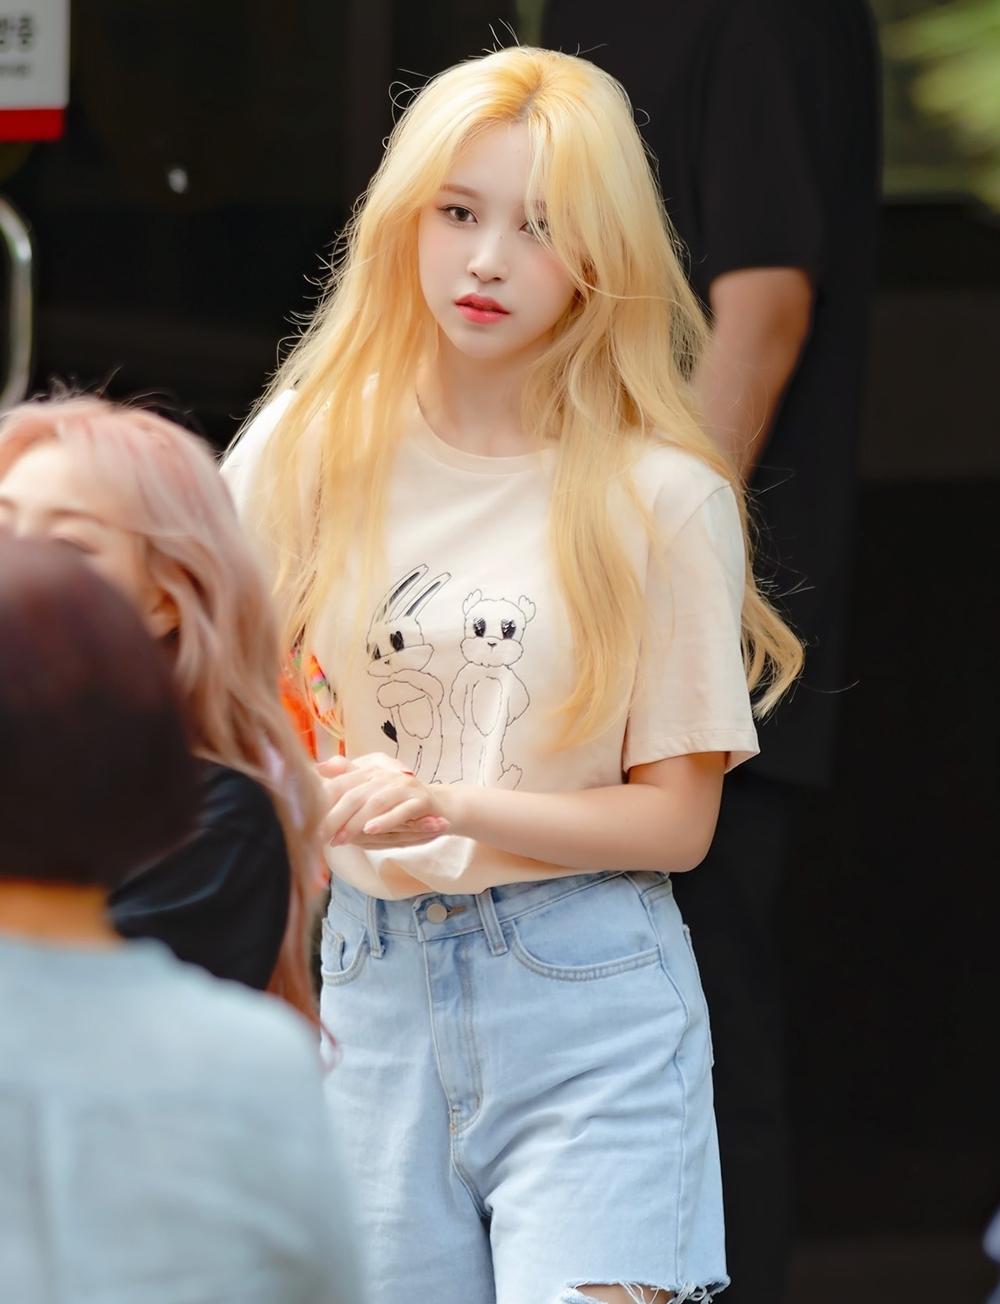 Trở lại hoạt động cùng Twice sau nhiều tháng vắng bóng để chữa bệnh tâm lý, Mina nhận được sự ủng hộ lớn từ người hâm mộ và công chúng Hàn Quốc. Tên tuổi Mina thường xuyên vào top 10 BXH thương hiệu hàng tháng dù không có hoạt động cá nhân. Trong màn comeback More and More hồi đầu tháng 6, Mina cũng khiến netizen sốc visual khi nhuộm mái tóc vàng rực nổi bật, thay đổi hình ảnh ngoạn mục so với hình tượng thanh lịch, quý phái trước đây.